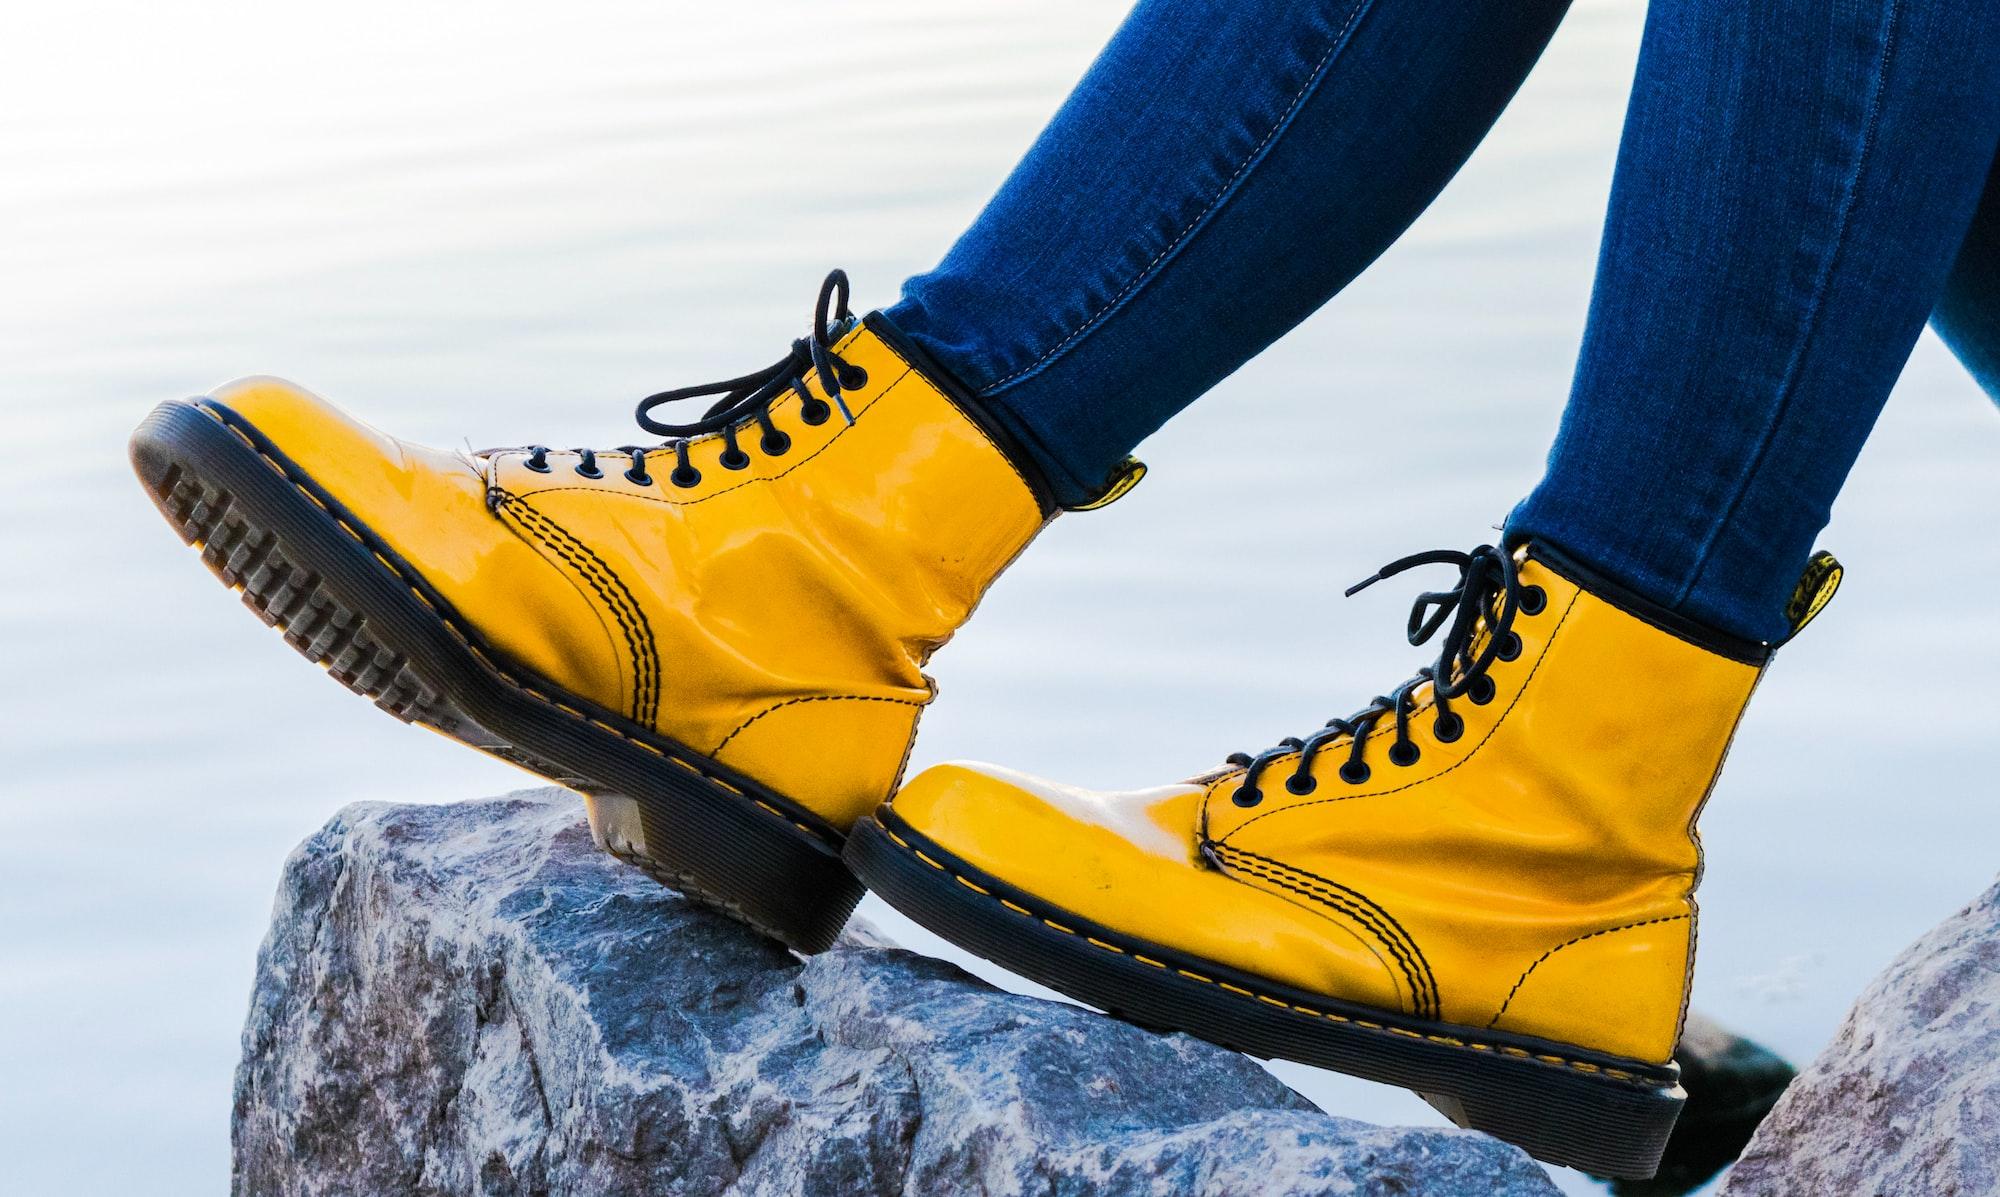 Giày boots - Sản phẩm giúp nâng tầm phong cách thời trang của bạn